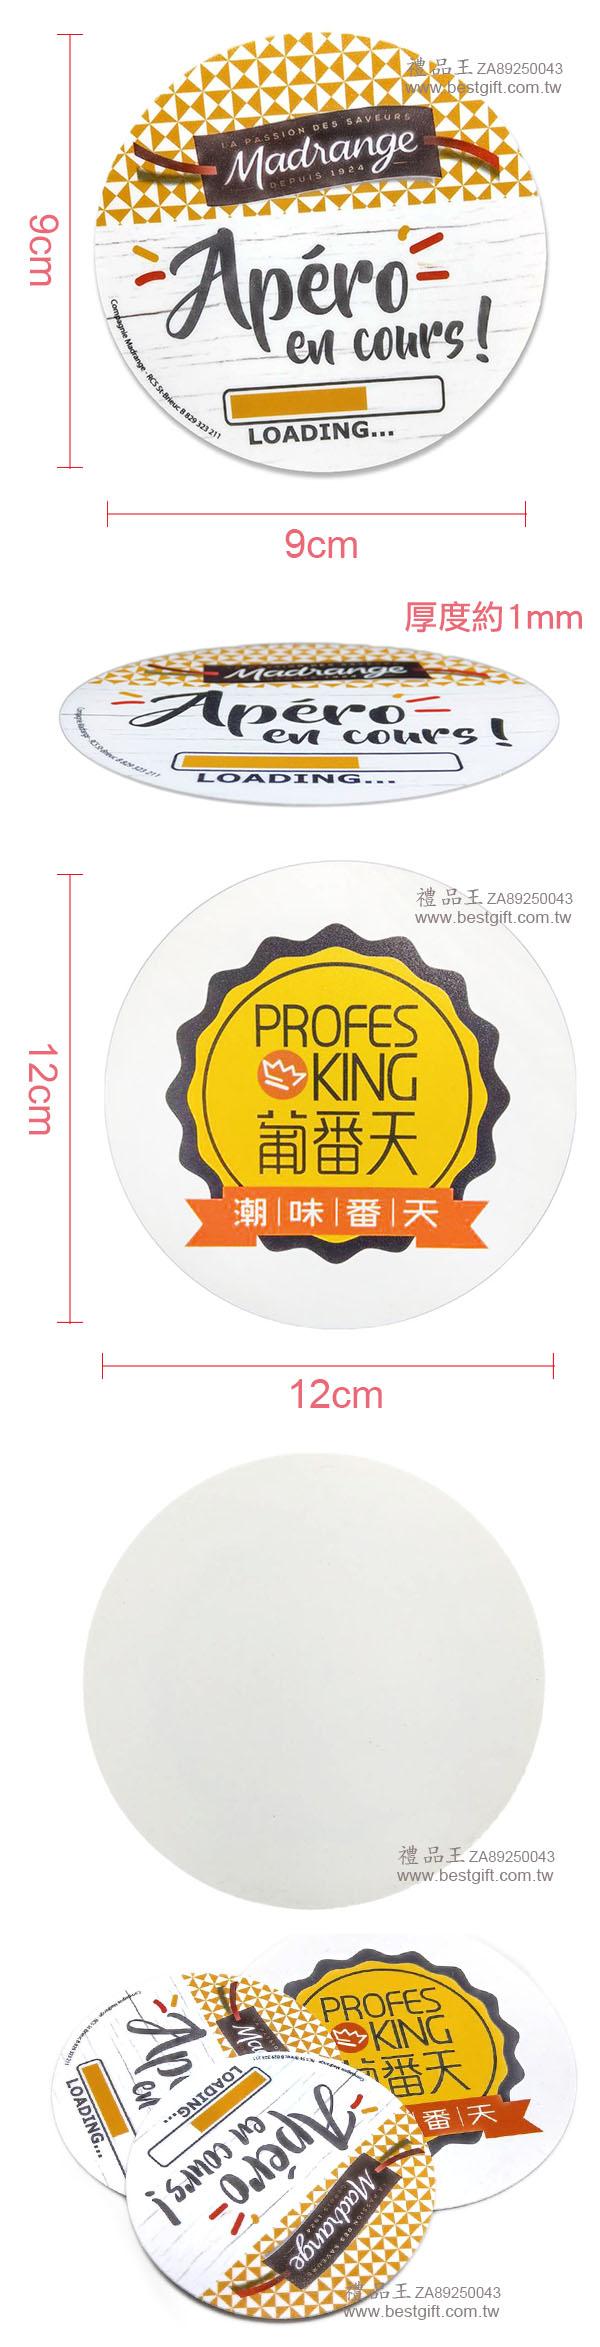 圓形PVC杯墊     商品貨號: ZA89250043